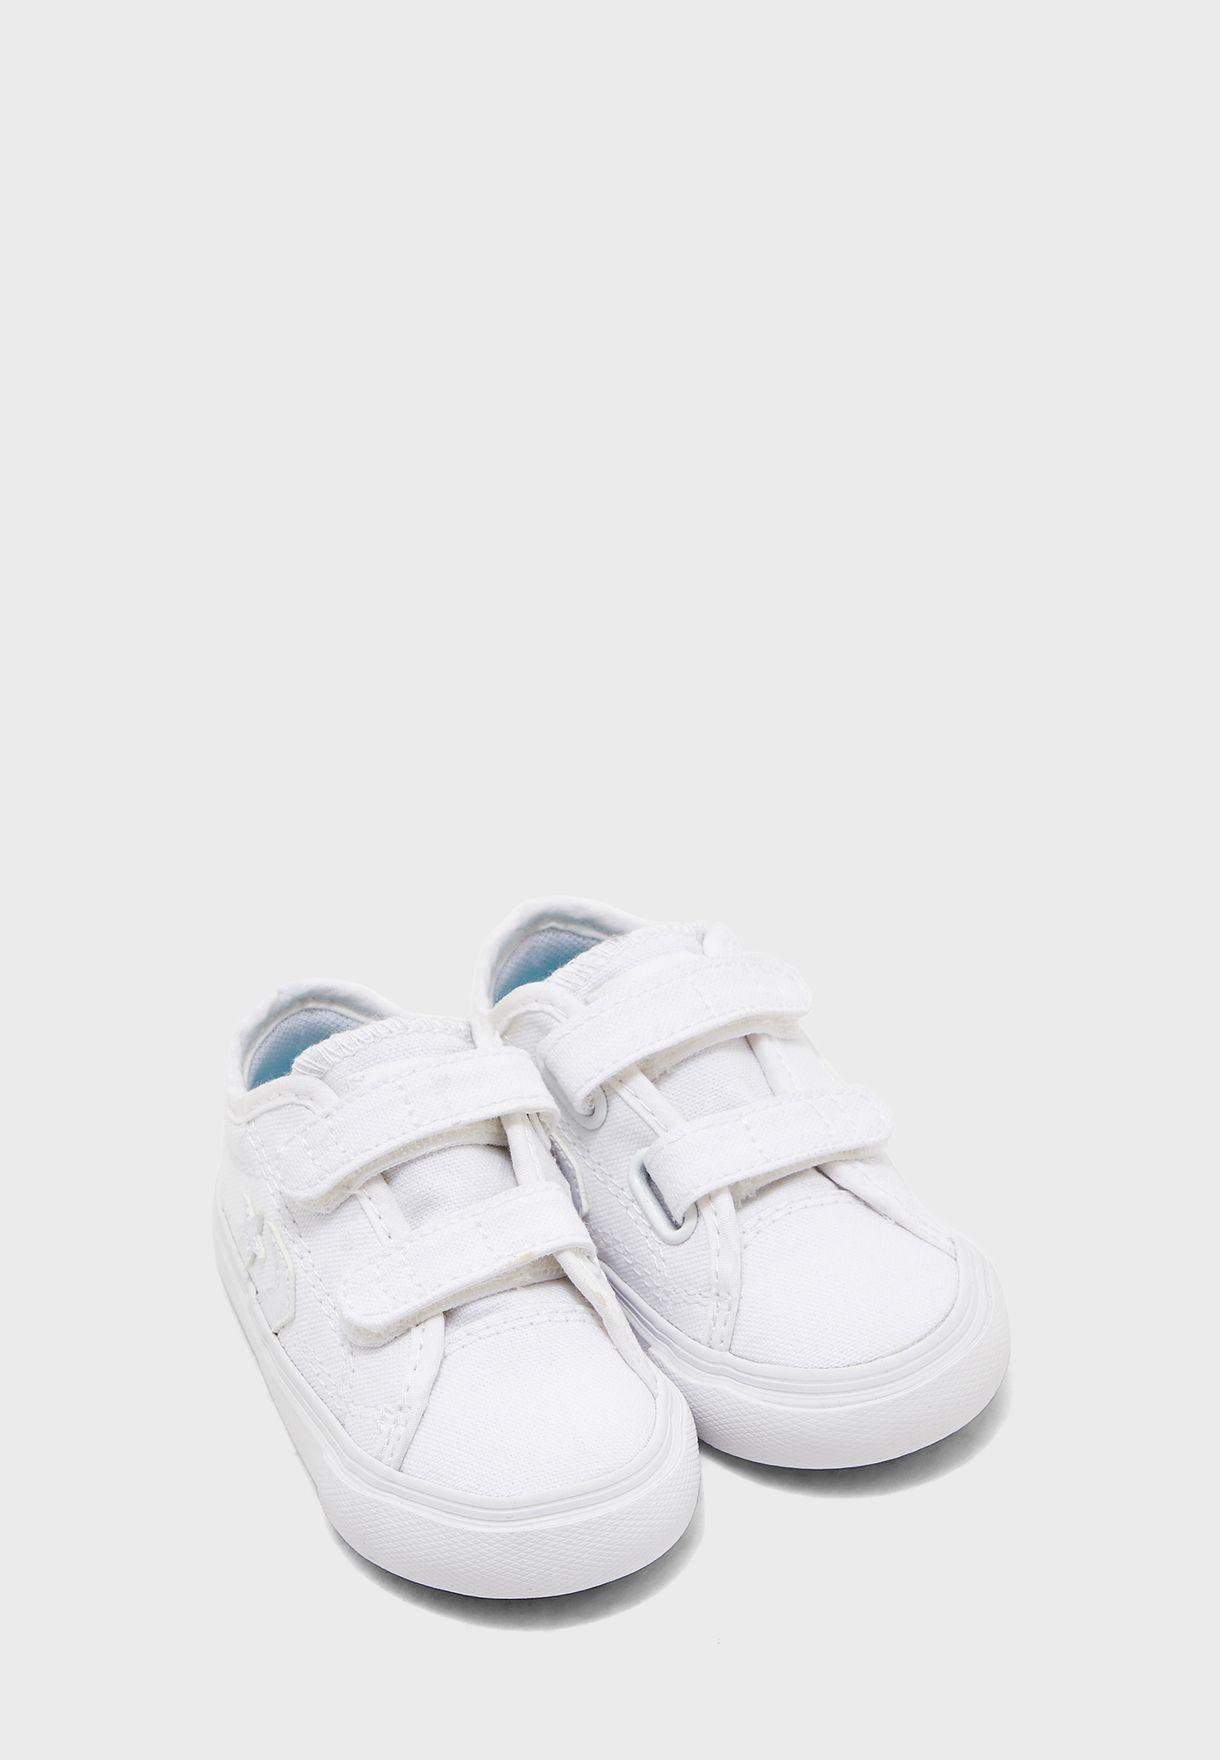 حذاء كونفرس  ستار ريبلاي 2 في